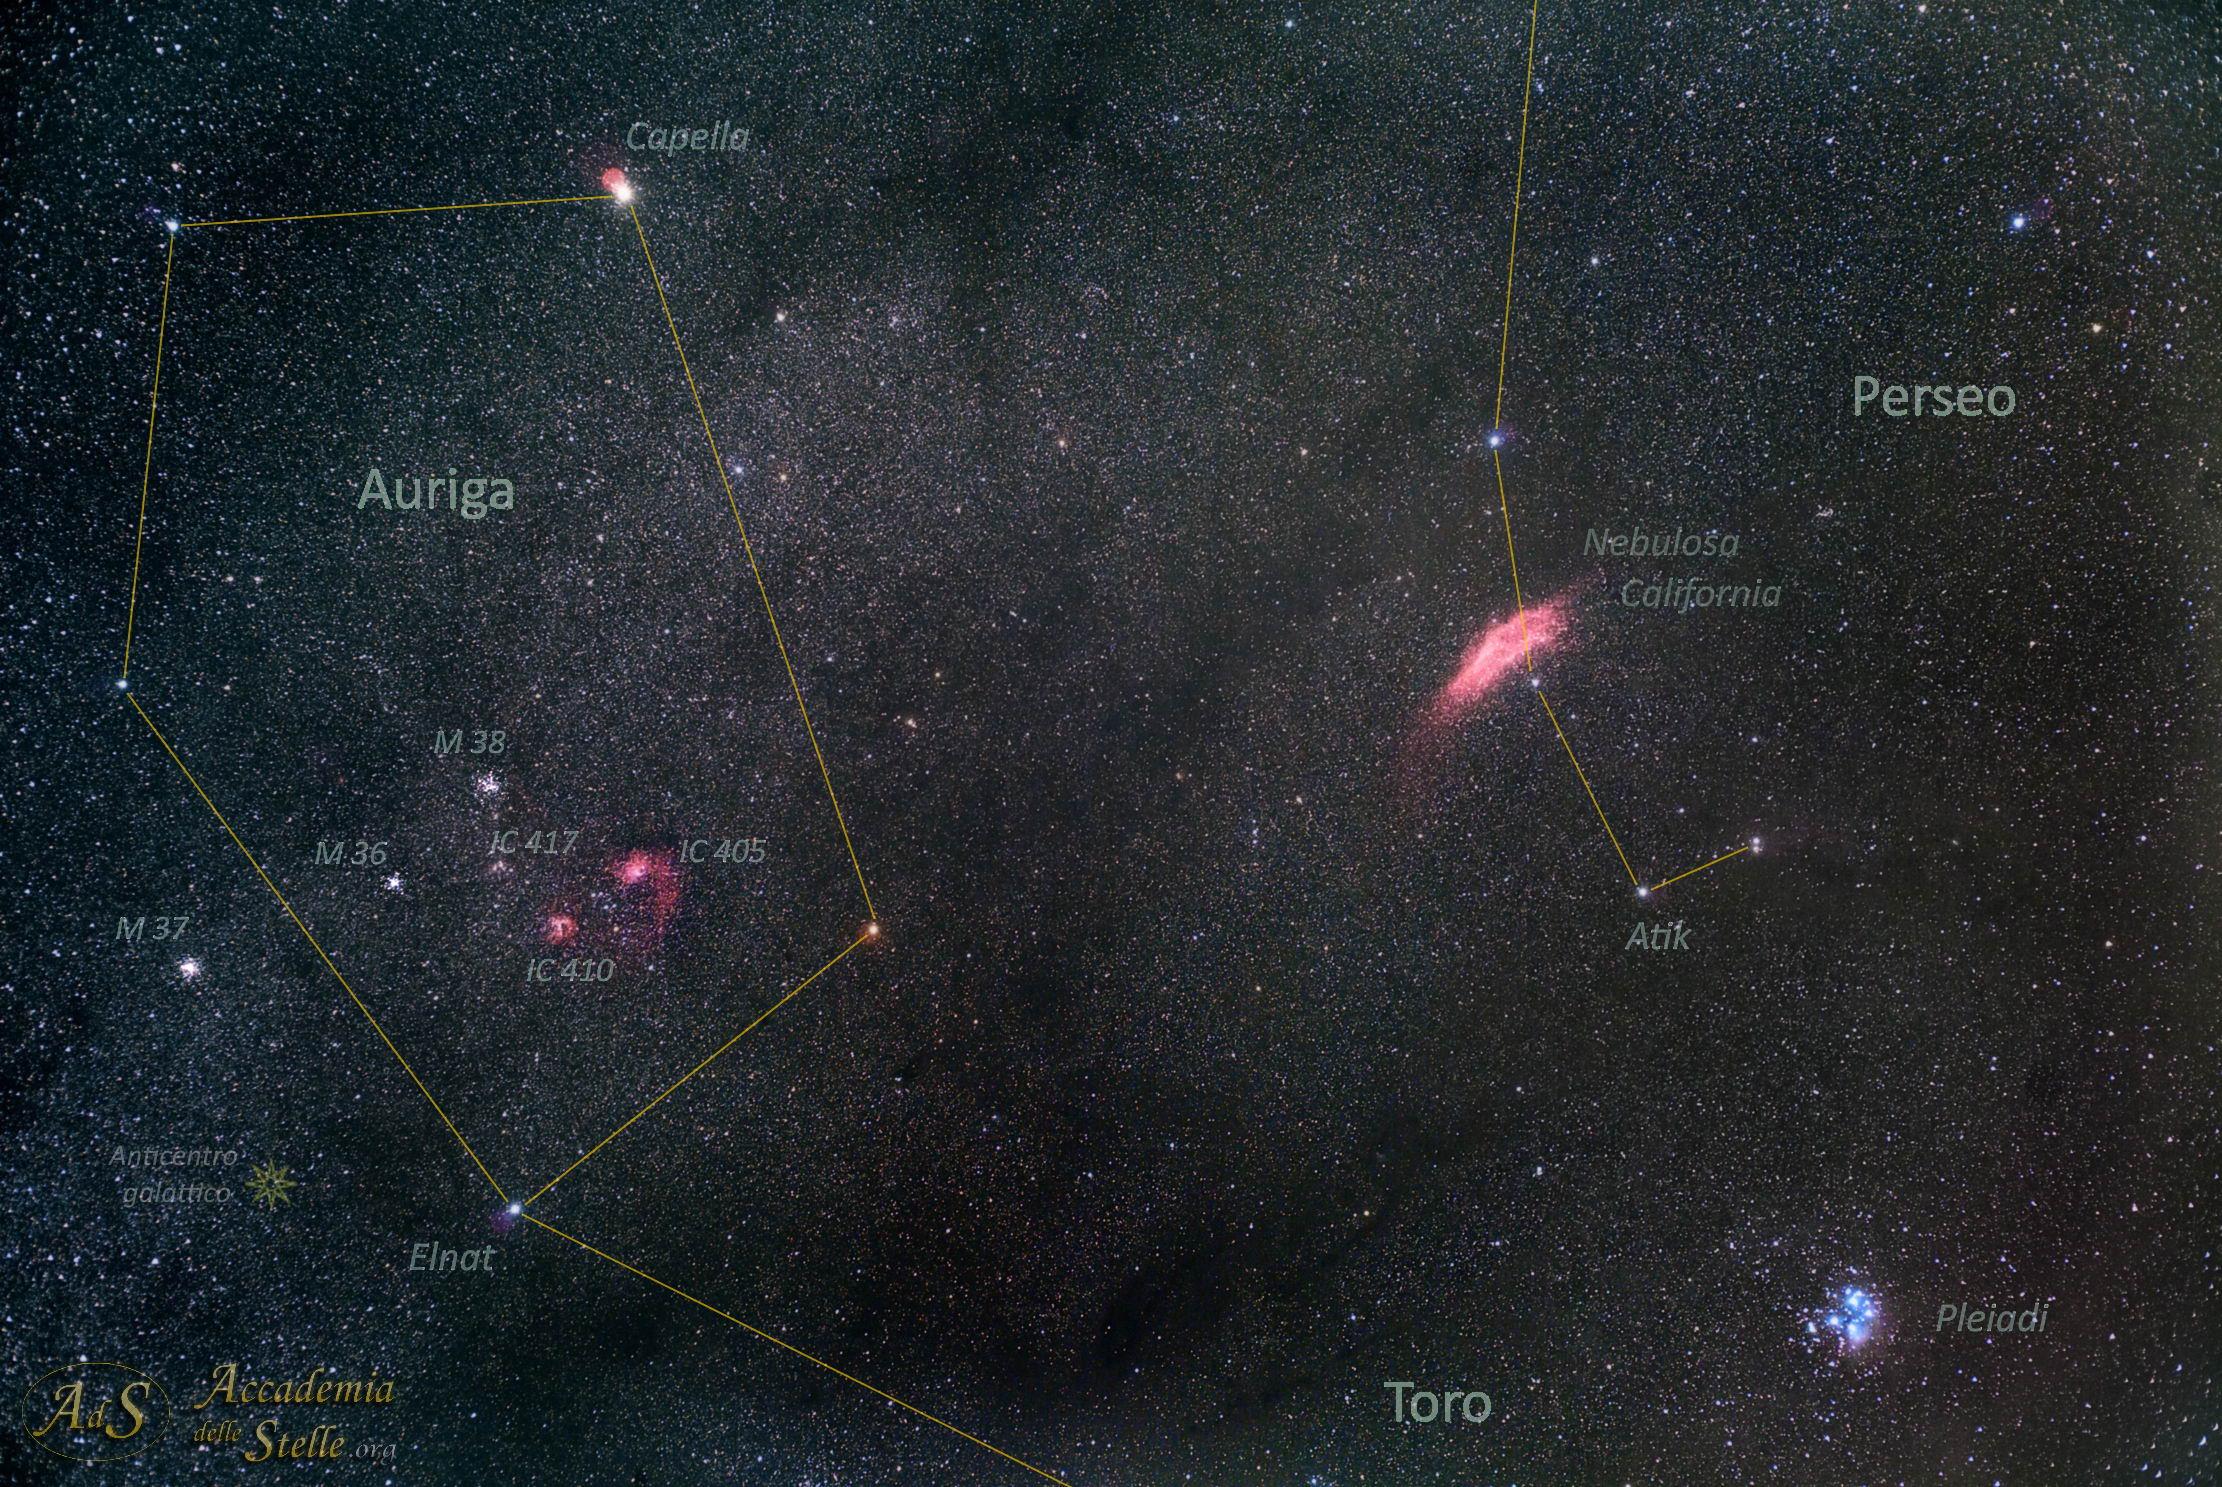 Auriga-Perseo-Toro+Anticentro+